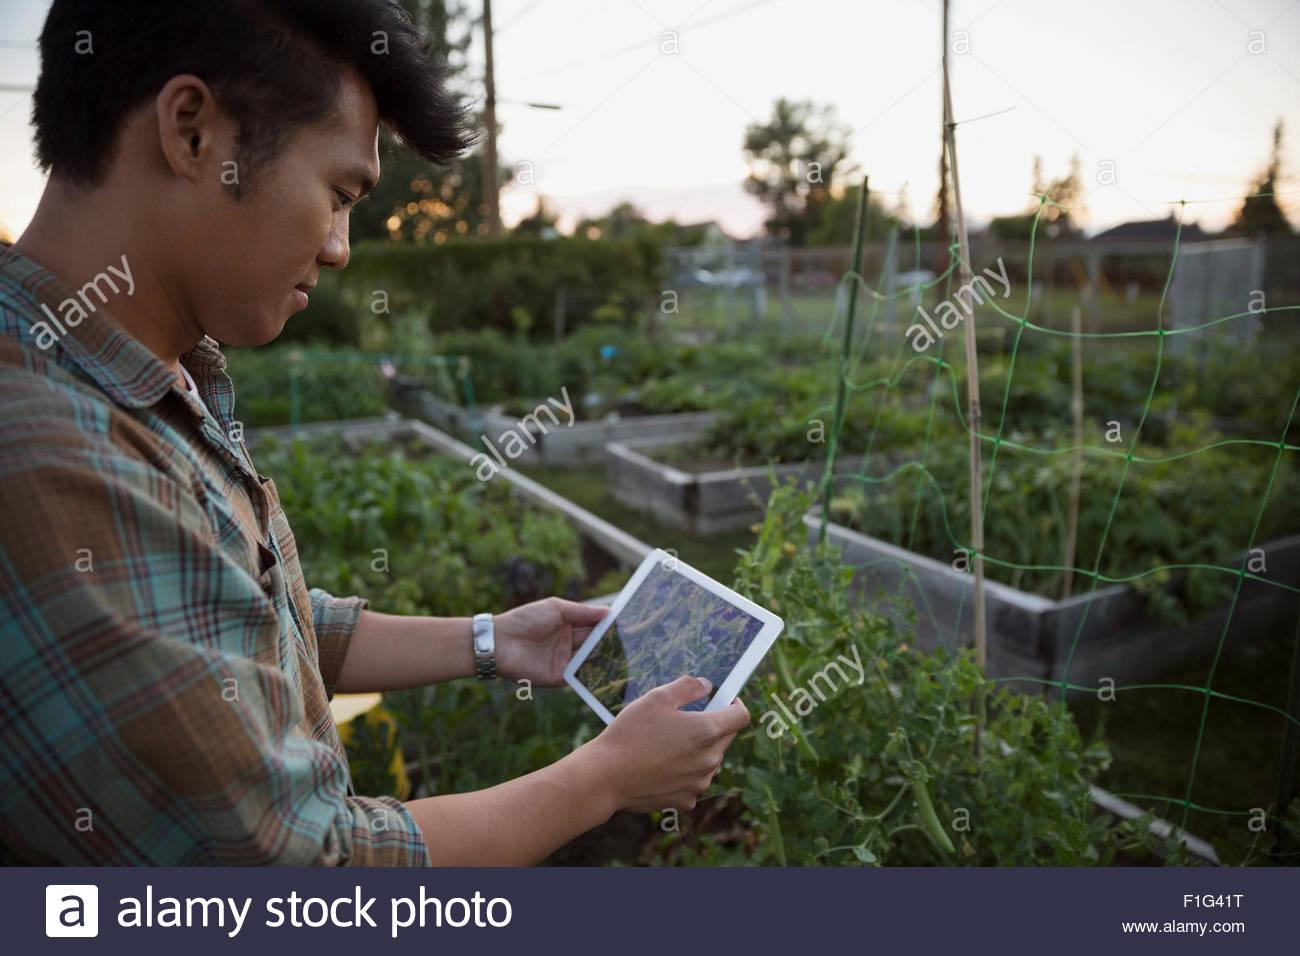 L'uomo digitale compressa confrontando il segnale di PEA a scatto il giardino di piante Immagini Stock